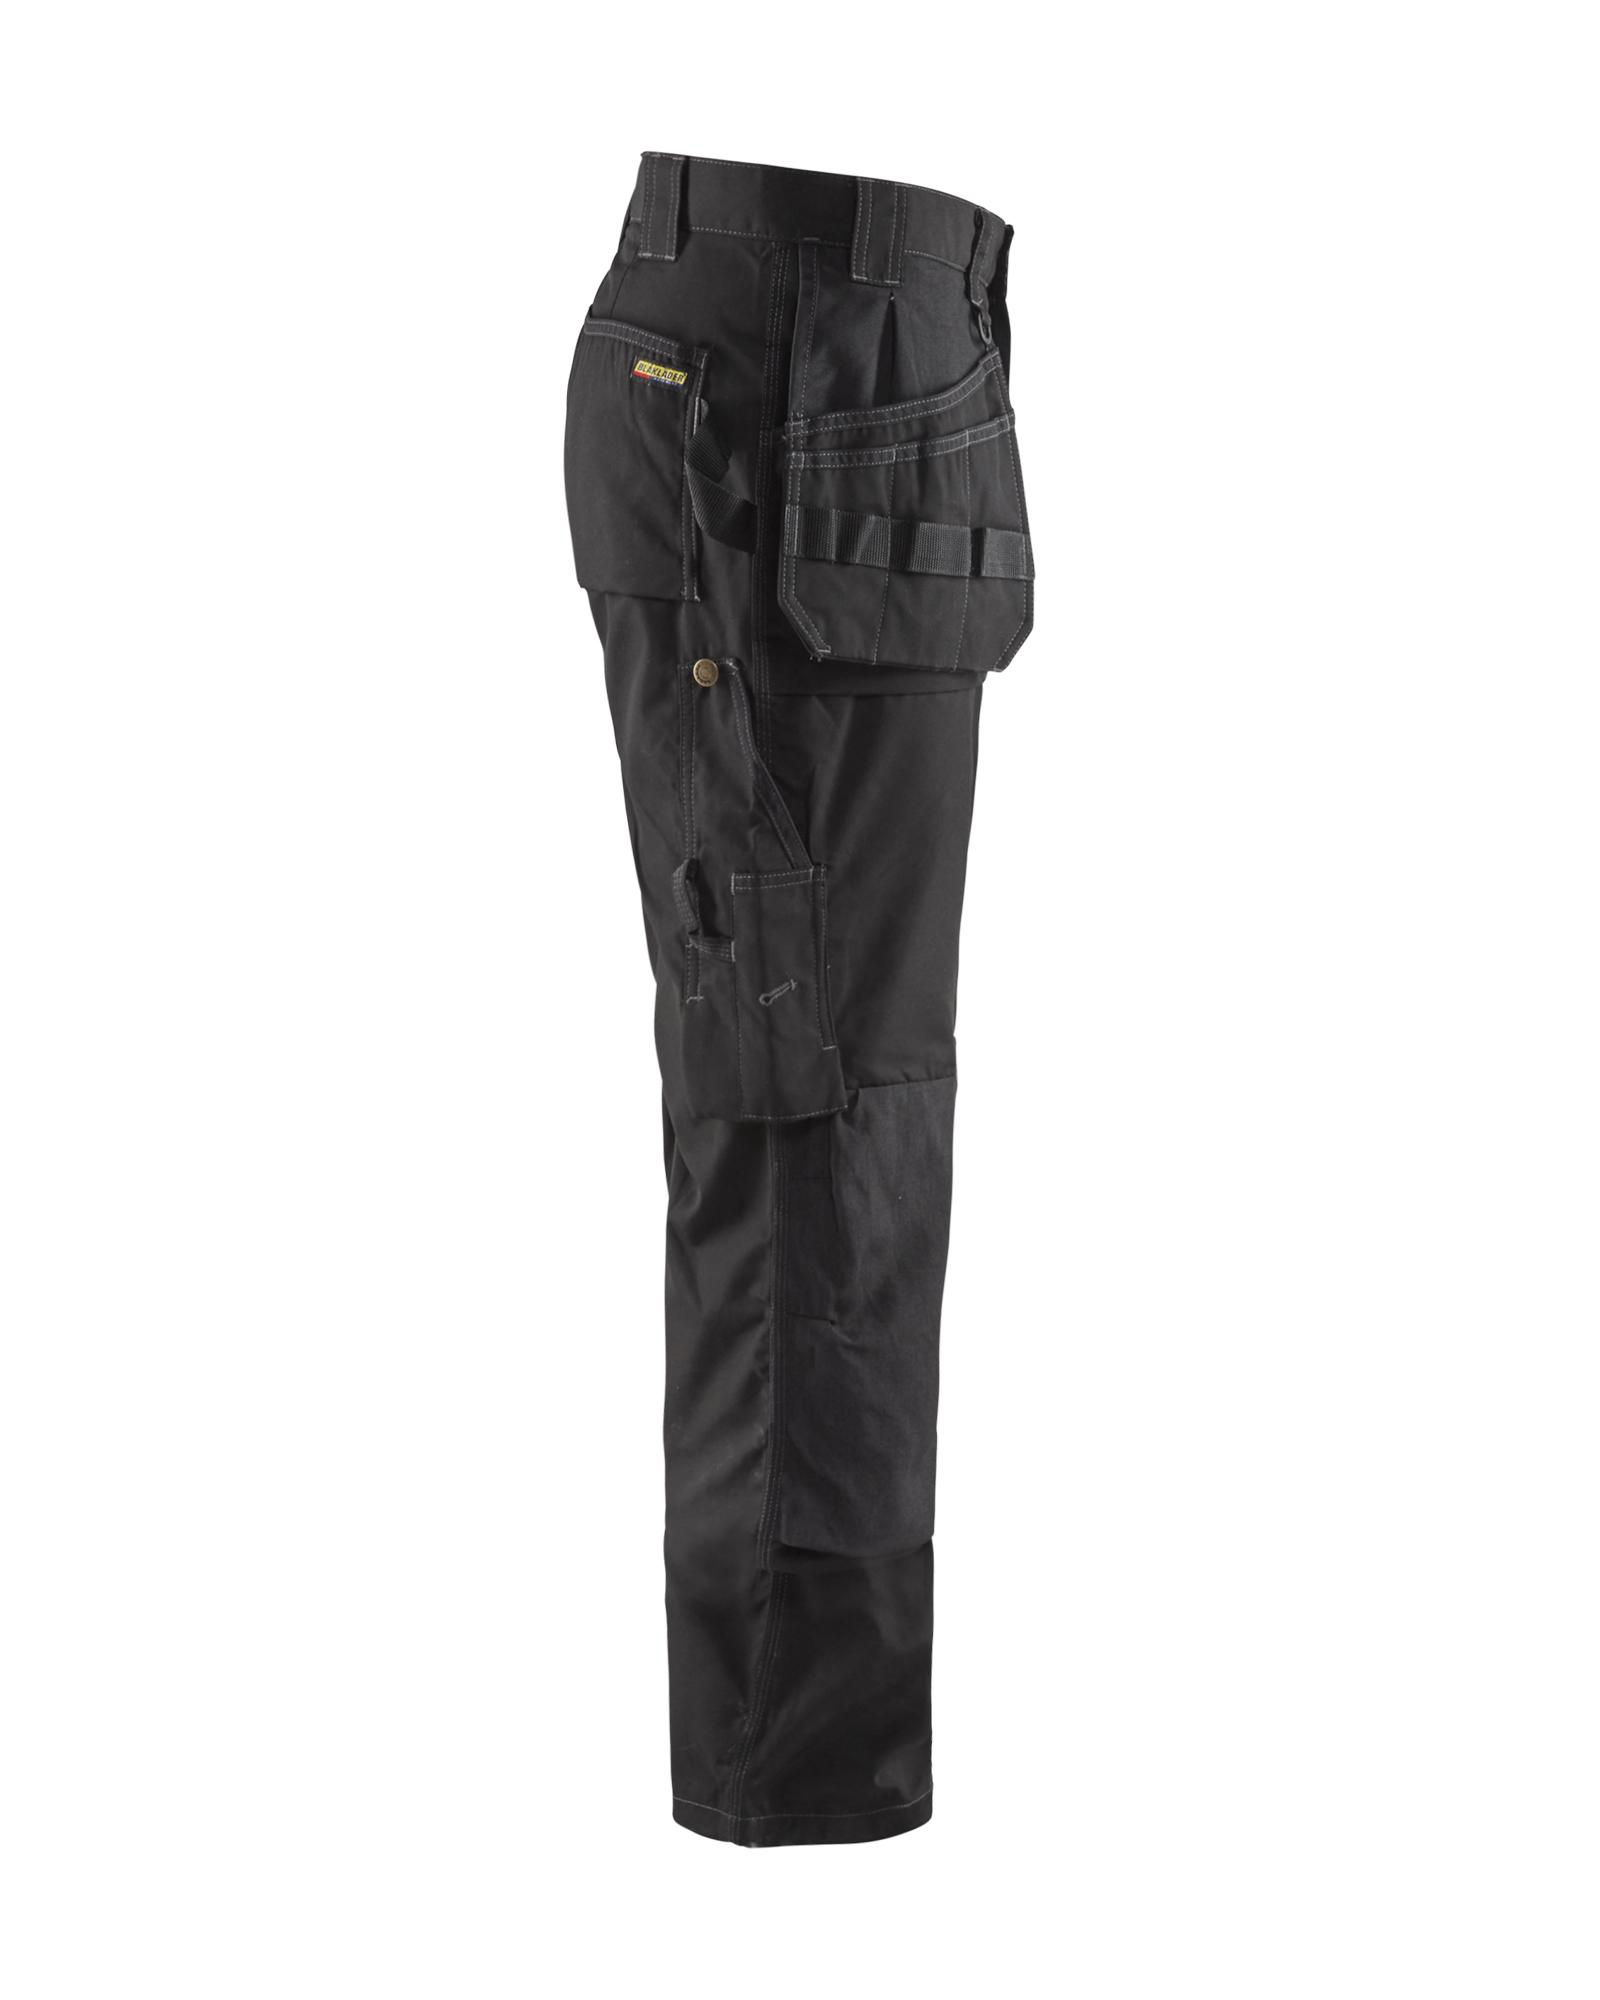 Multinorm bukse for håndverkere